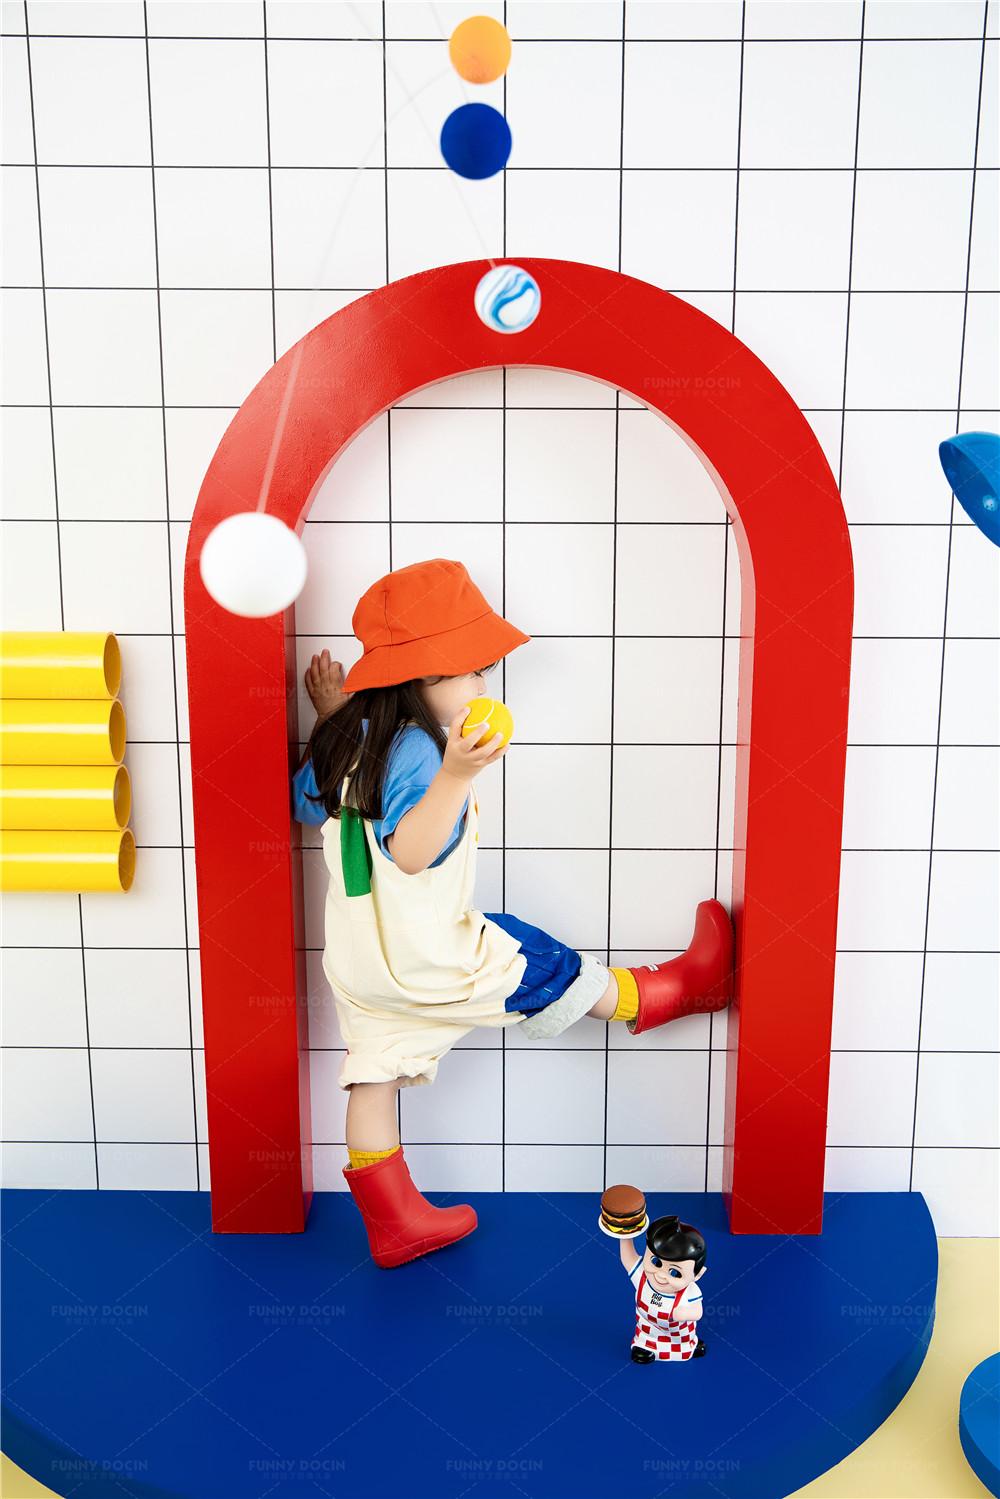 芳妮豆丁儿童摄影 小玩家彩虹屋